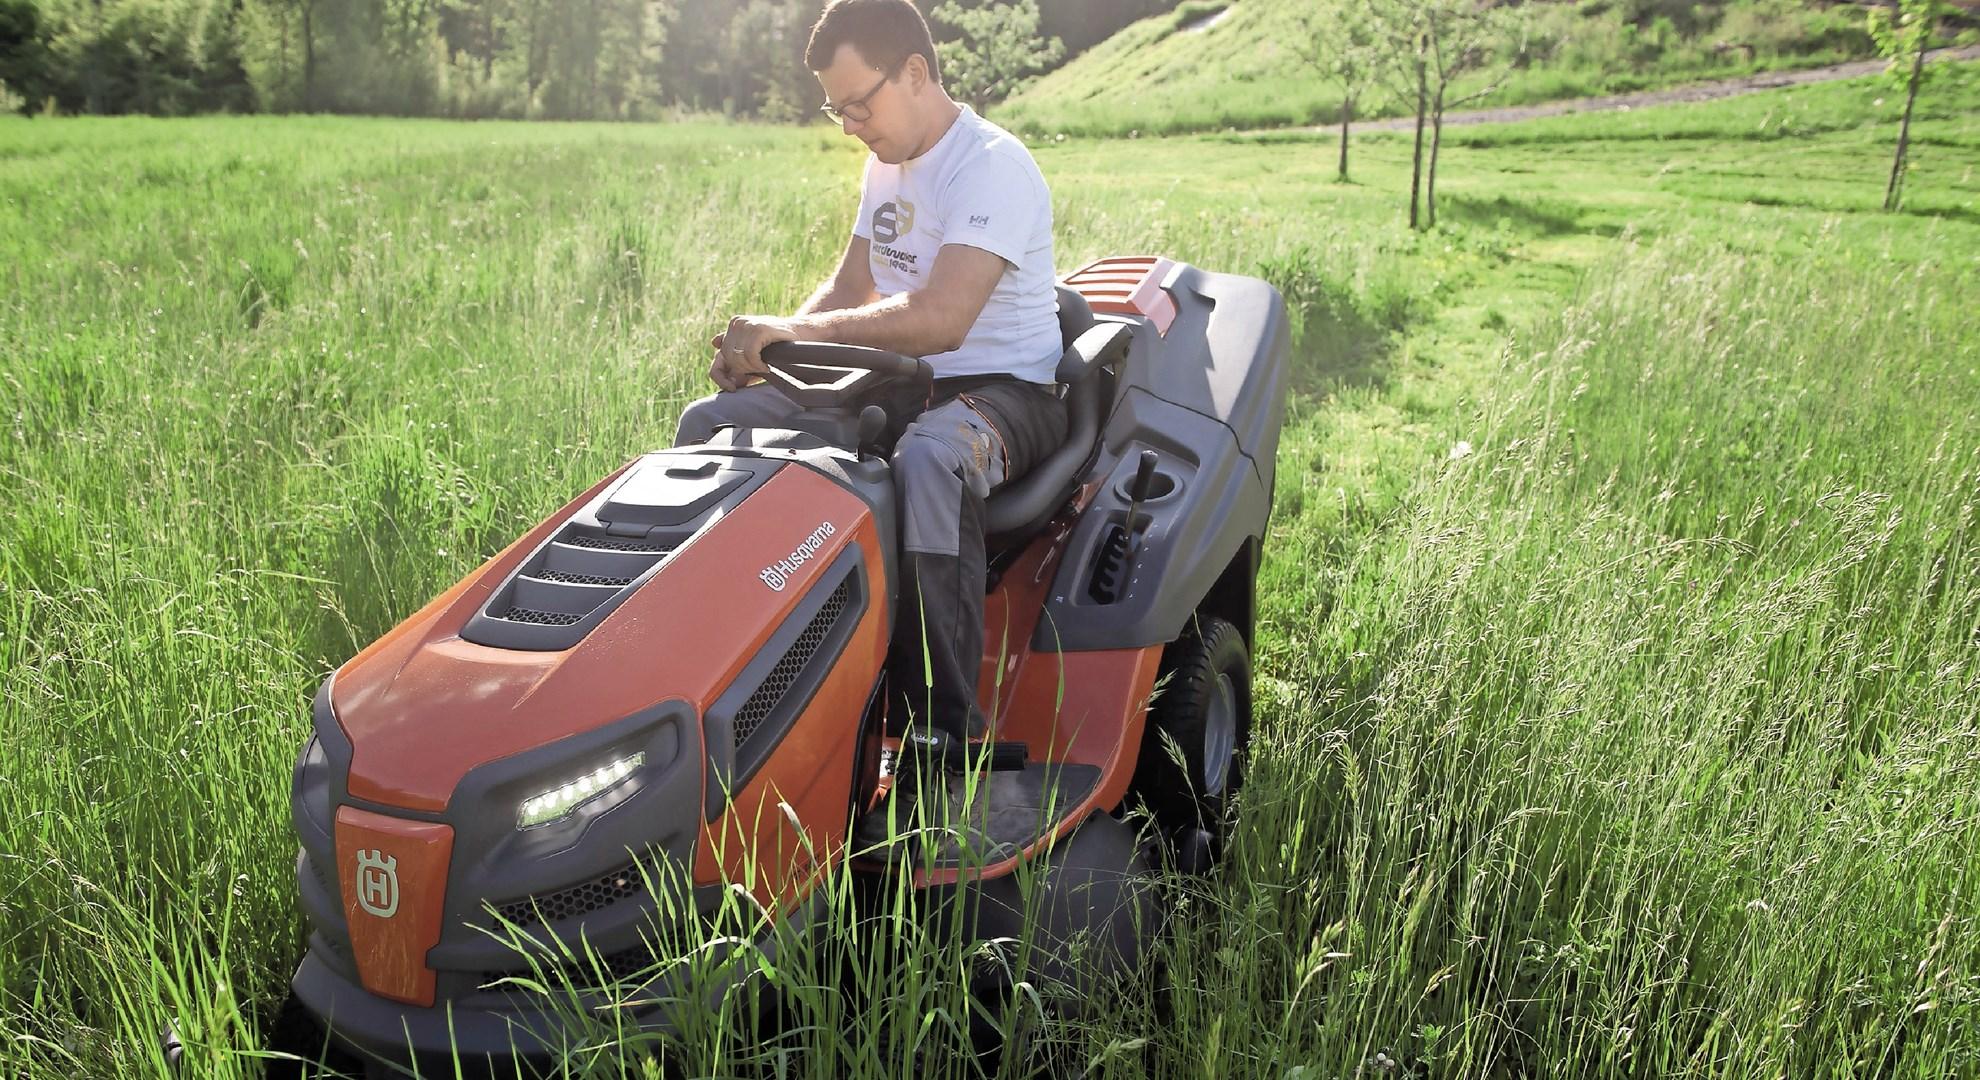 Vrtni traktor: klasični dizajn na sodobni travi